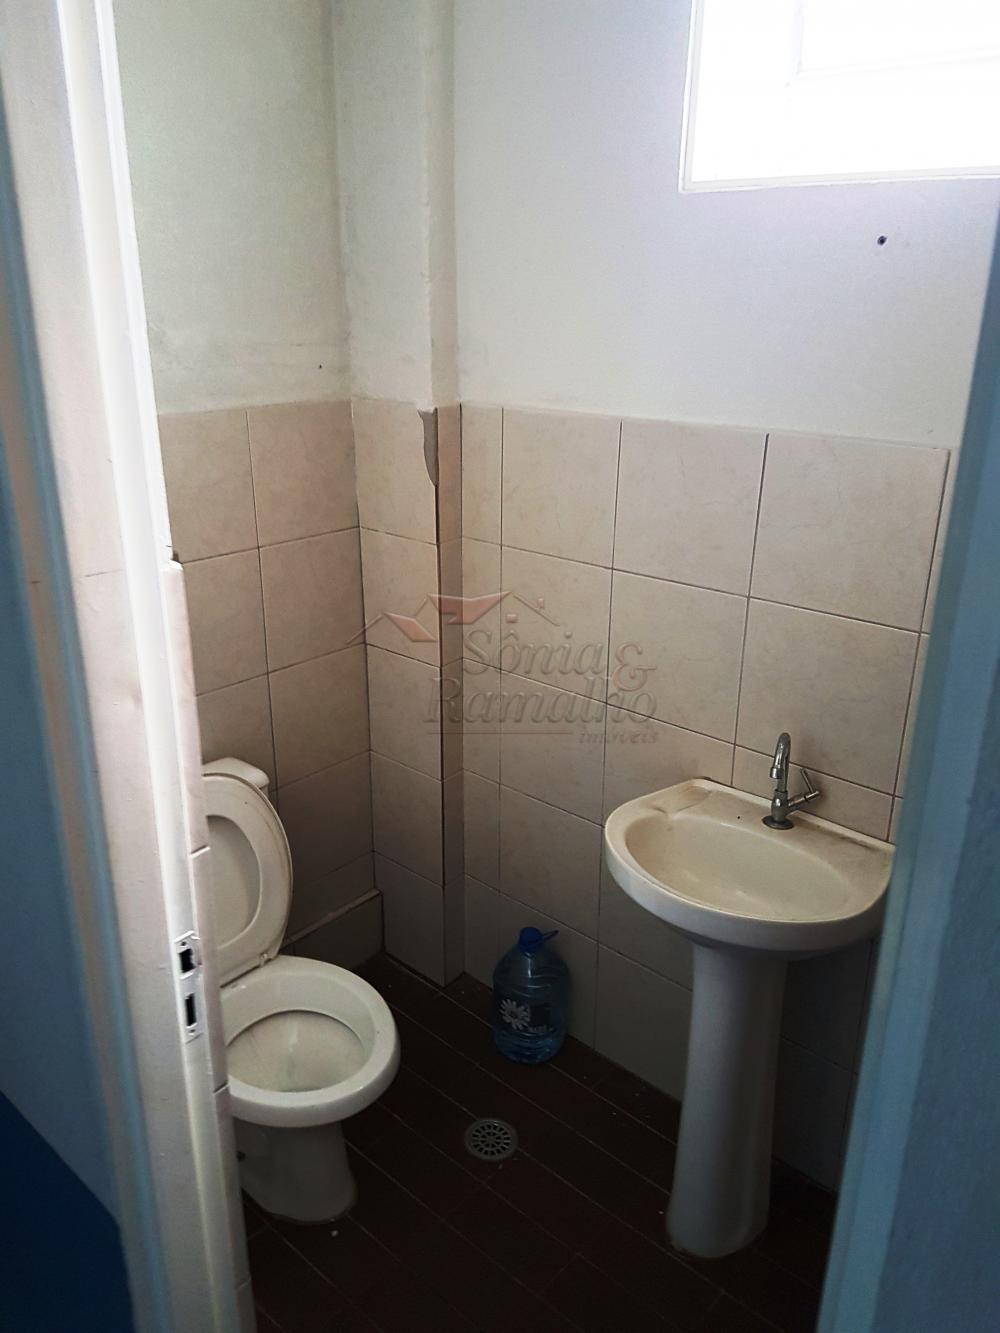 Alugar Terrenos / Lote / Terreno em Ribeirão Preto apenas R$ 5.500,00 - Foto 6